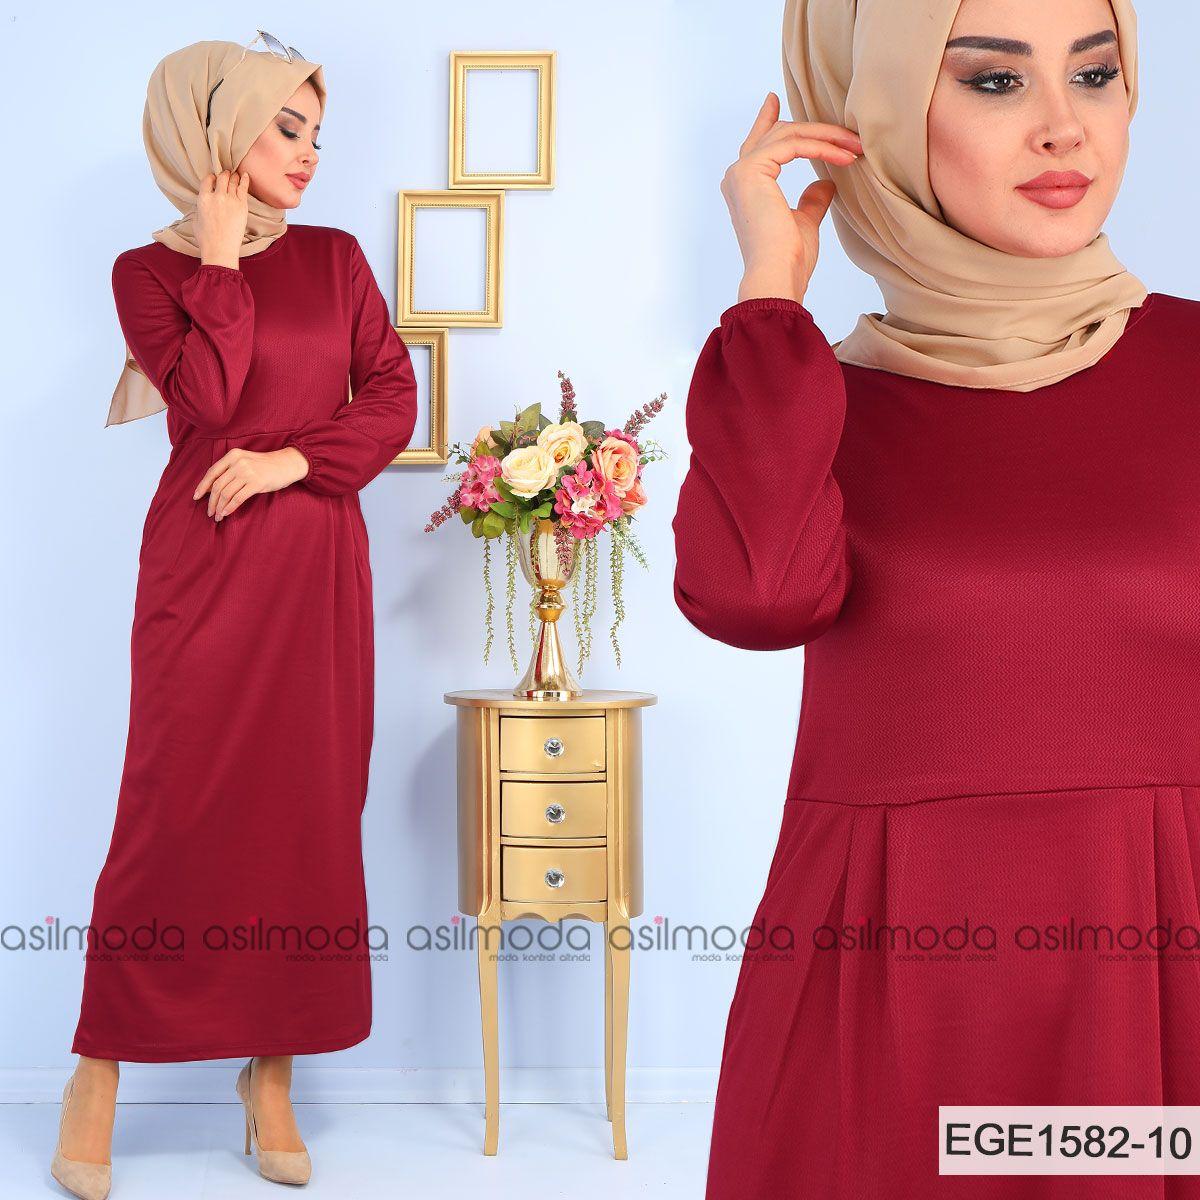 cde057aeea972 Elbise pileli olmakla birlikte boydan modeldir. İki adet gizli cep detayına  sahip olan elbise bisiklet